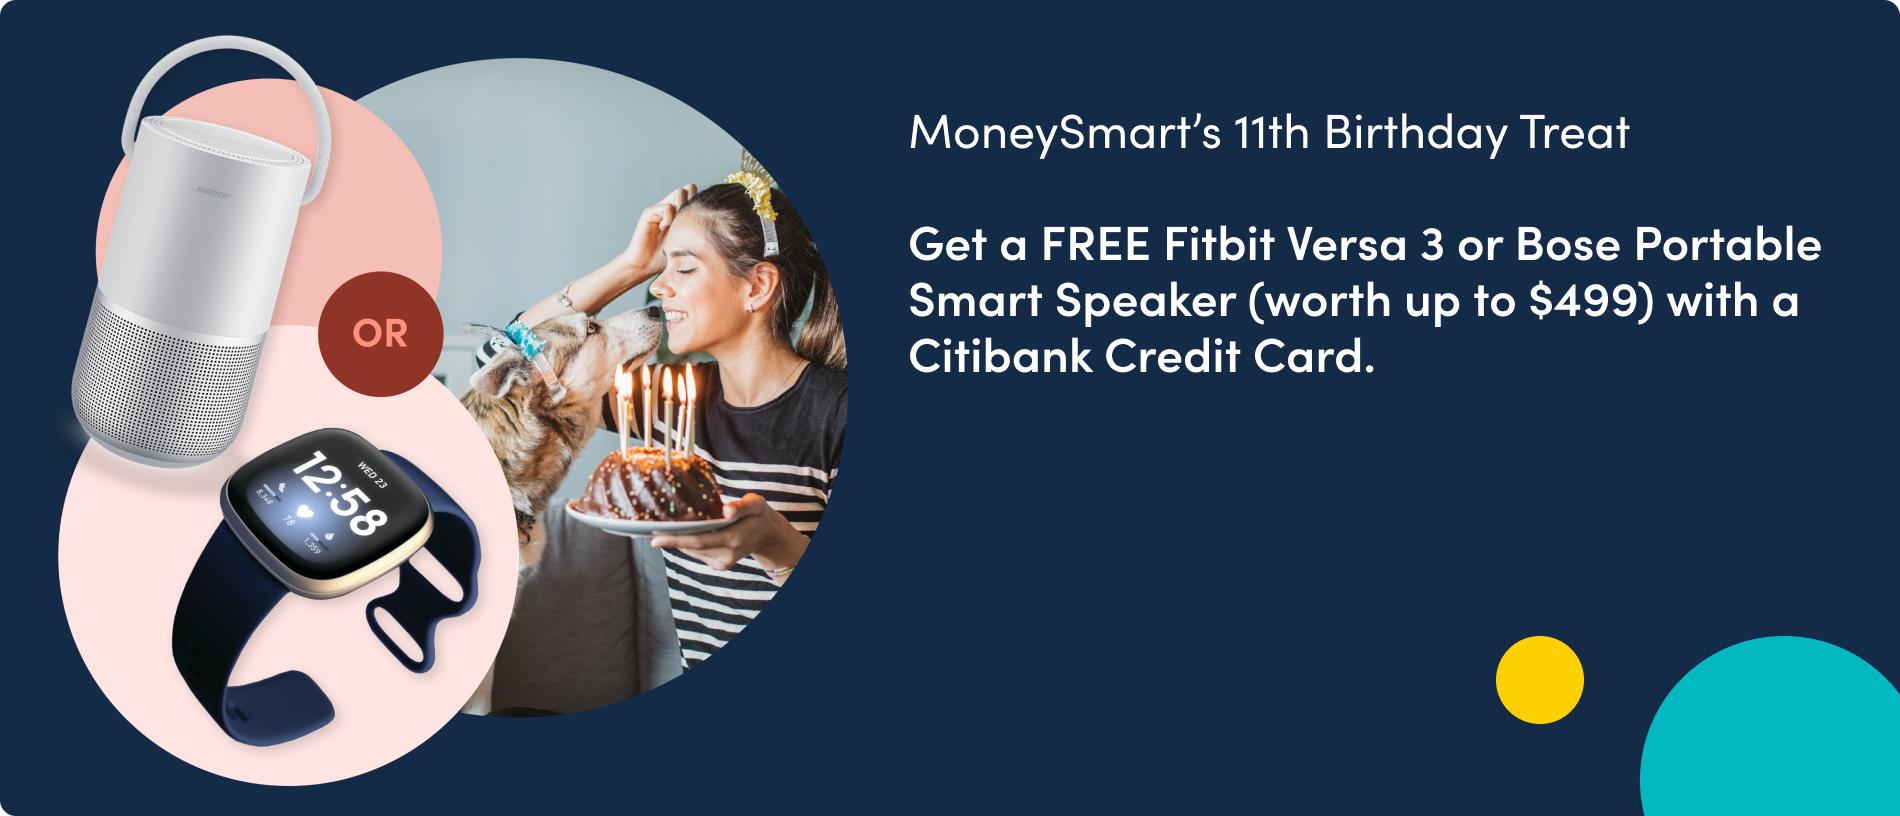 https://blog-cdn.moneysmart.sg/wp-content/uploads/2020/10/blog-widget-Citi-Fitbit-cc-Desktop.png